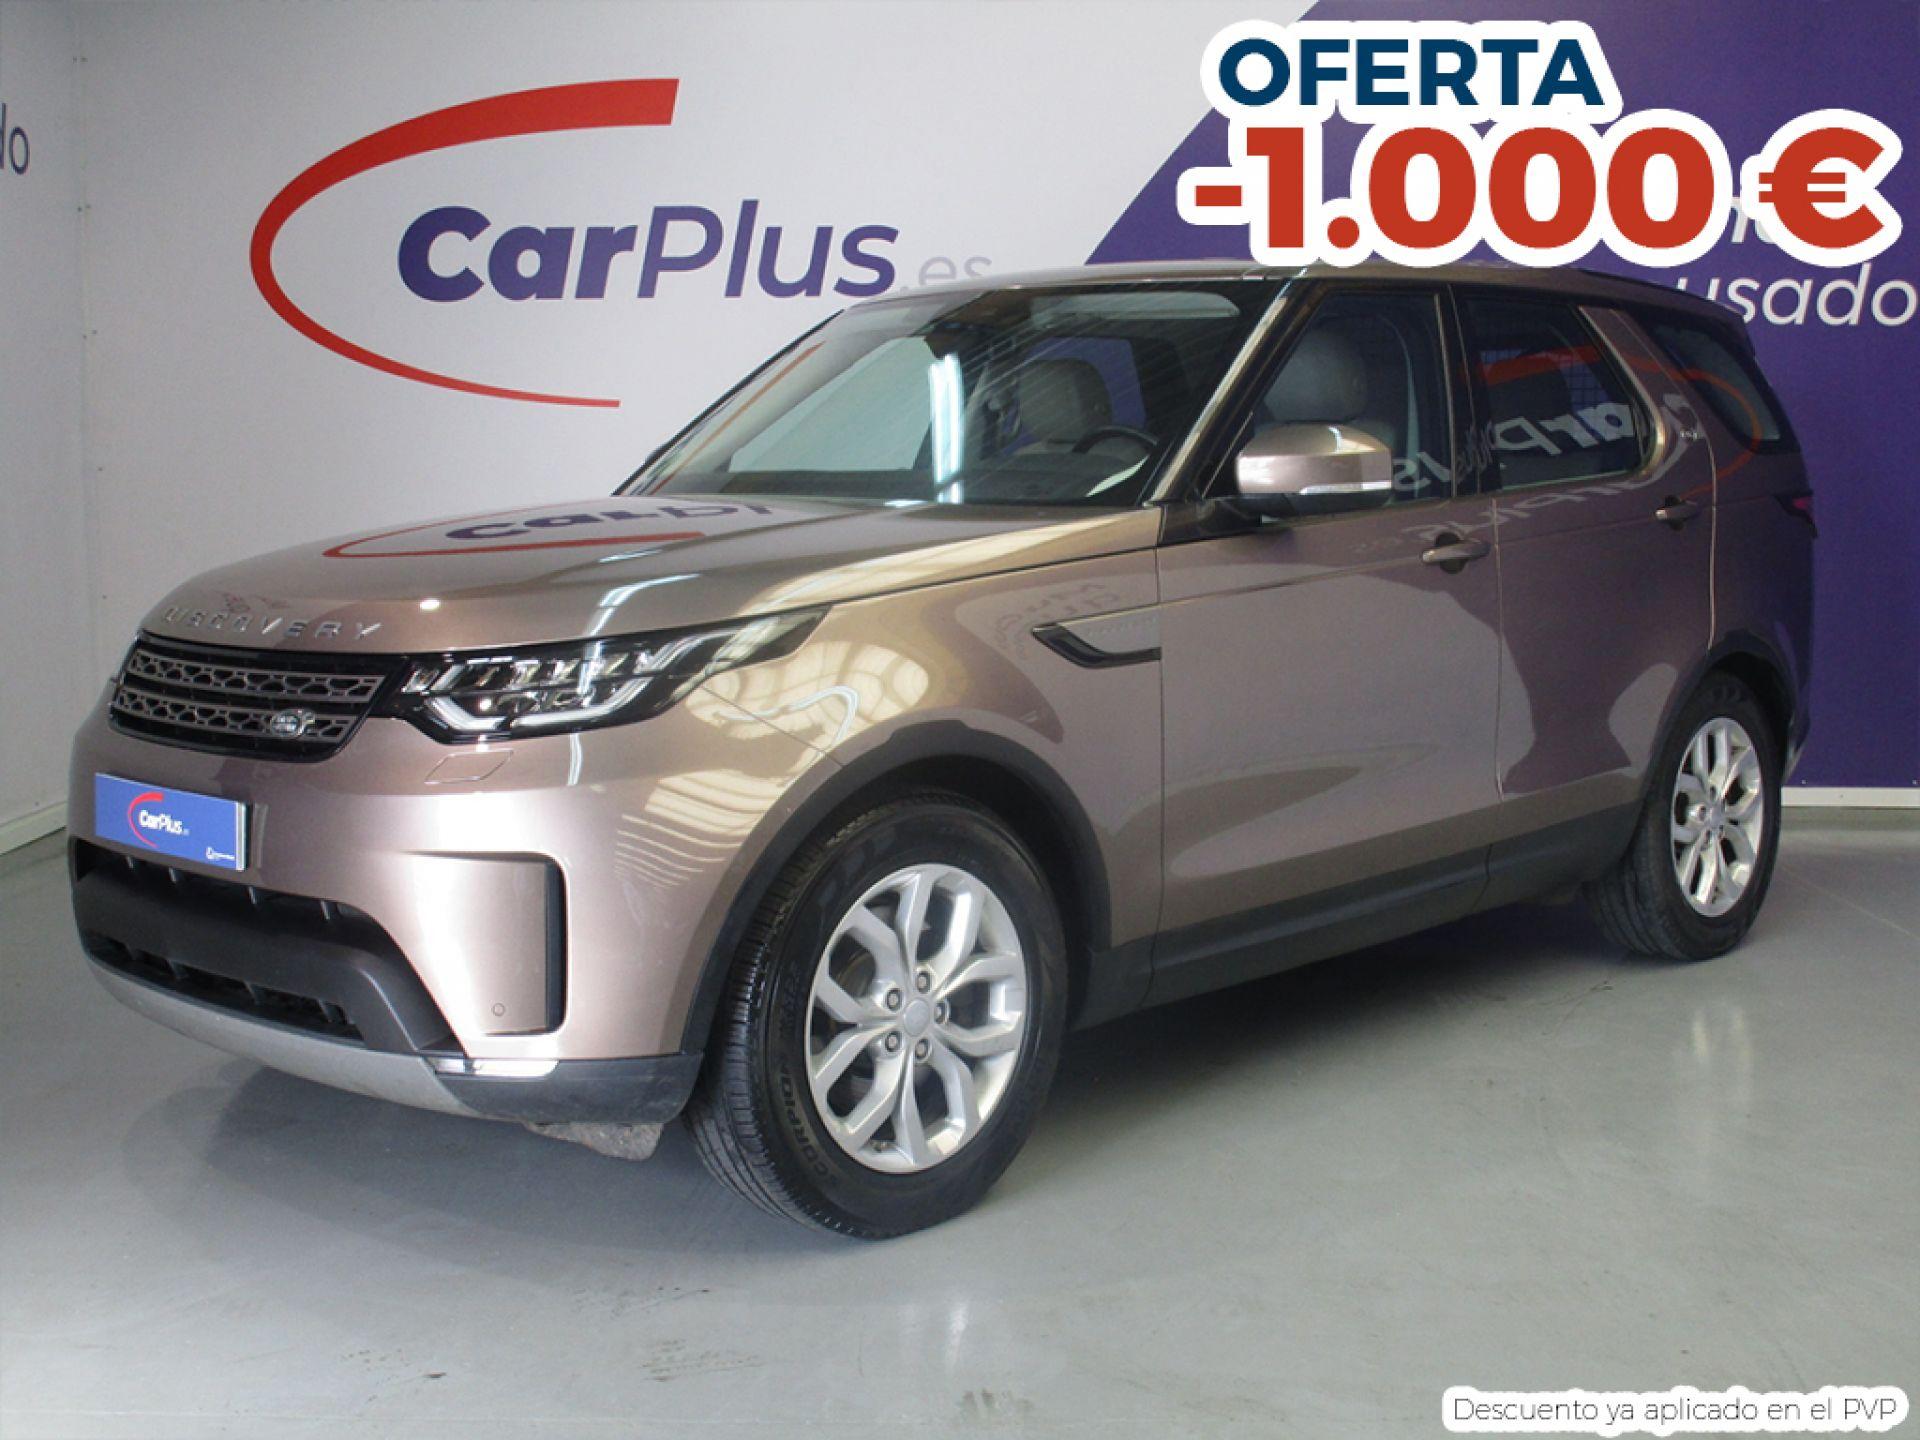 Land Rover Discovery 2.0 I4 SD4 177kW (240CV) HSE Auto segunda mano Madrid